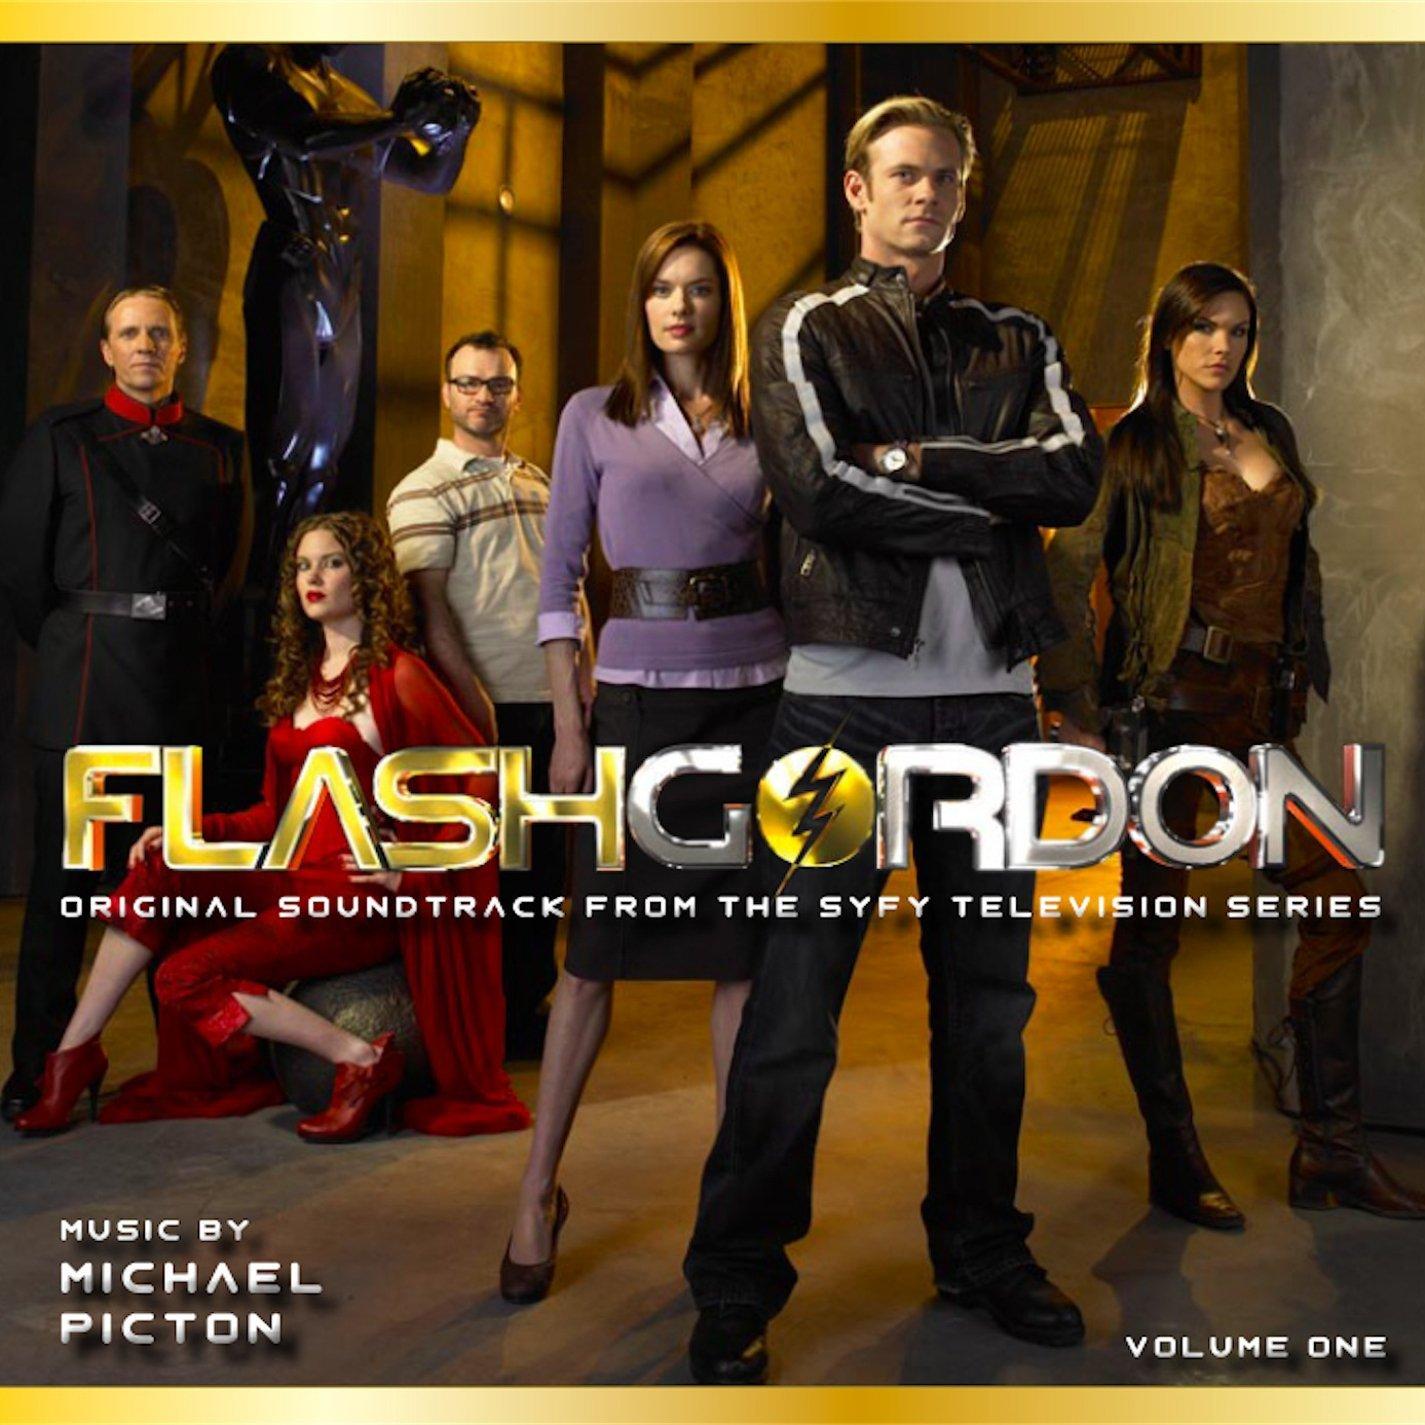 FlashGordon_CD1